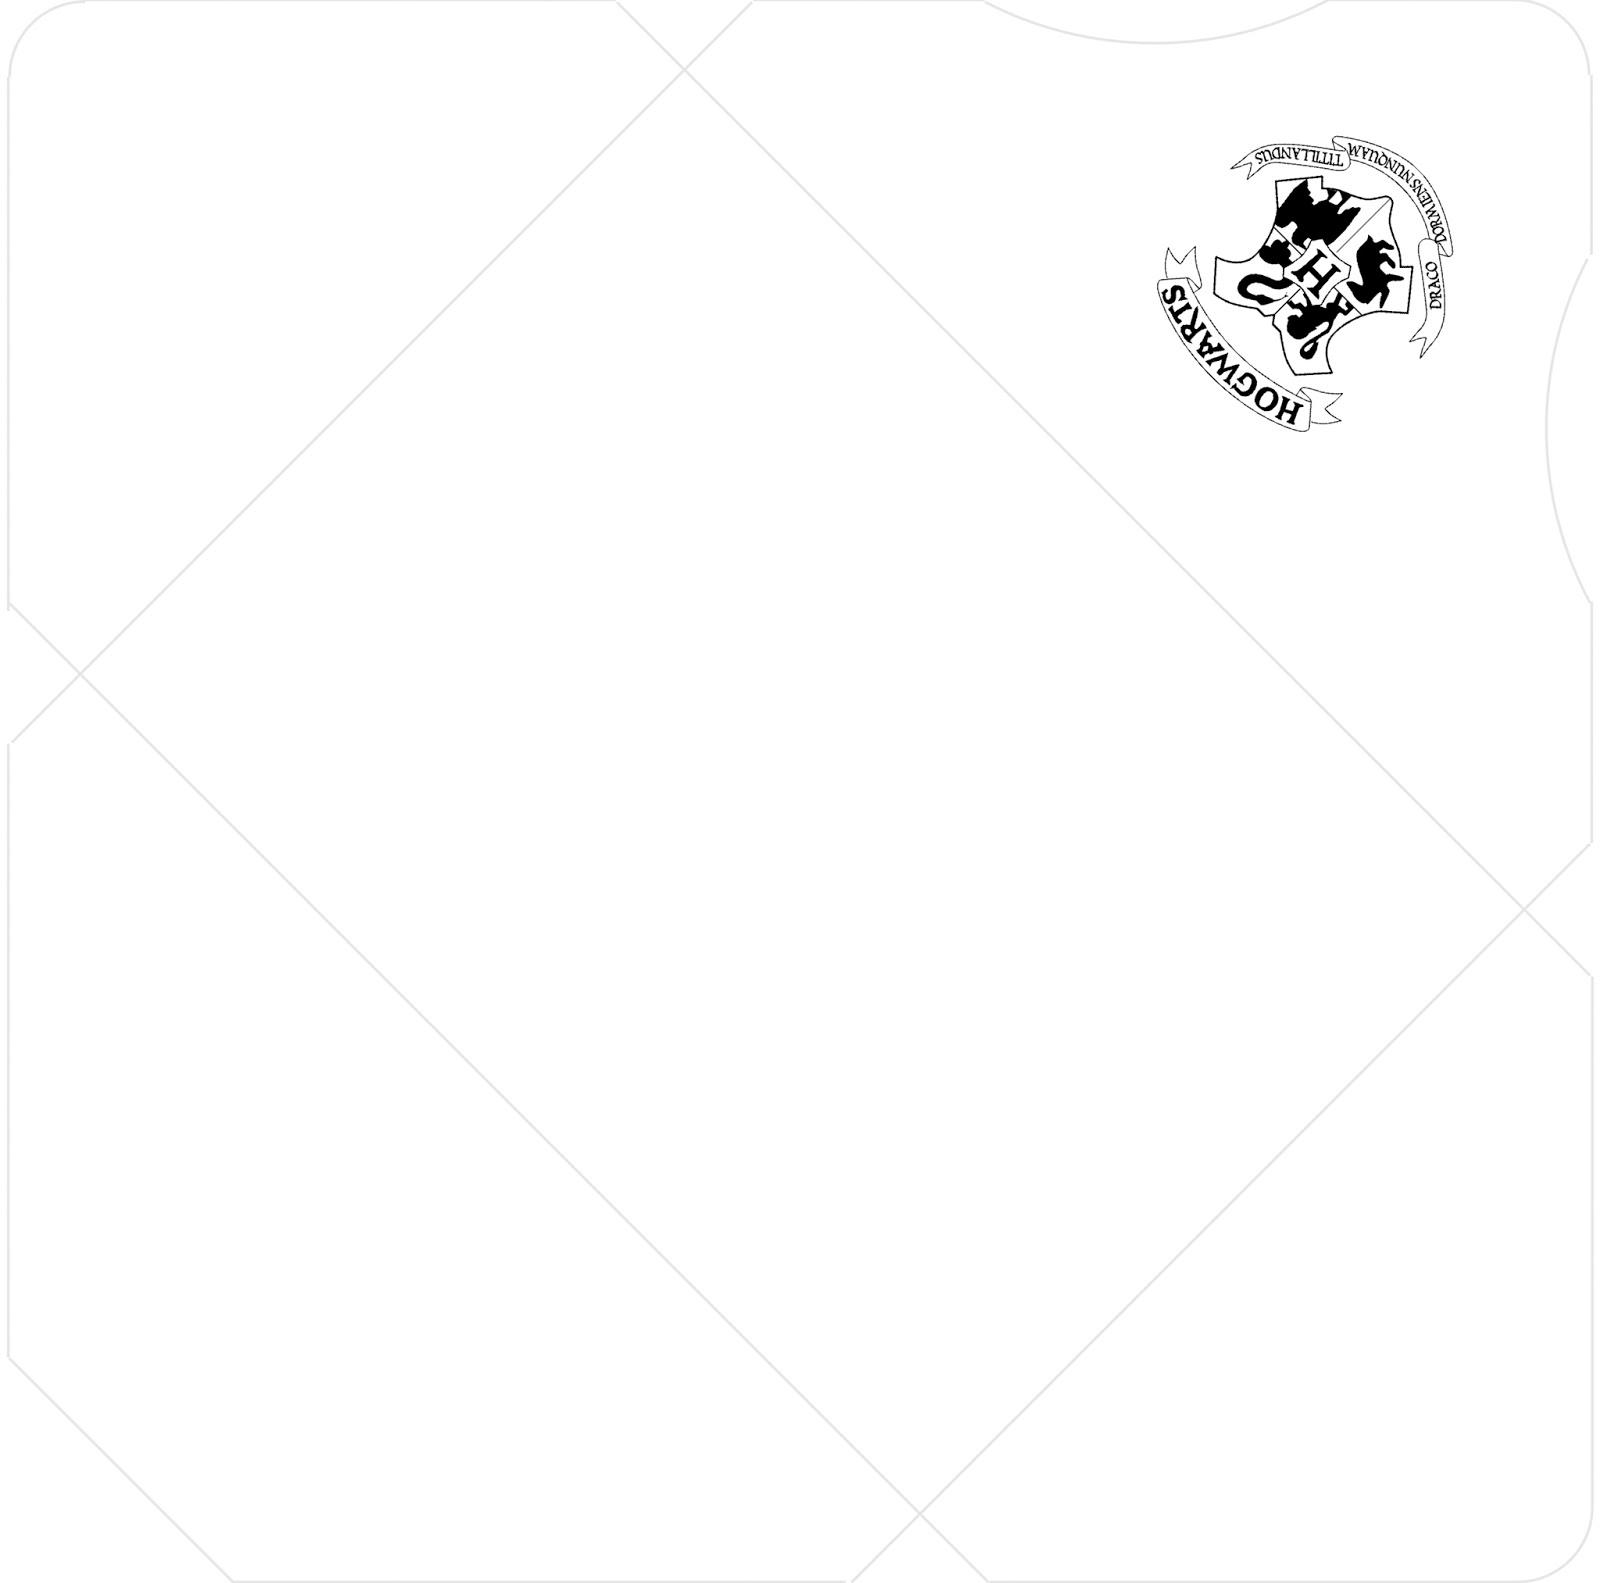 Hogwarts acceptance letter envelope template printable free download spiritdancerdesigns Choice Image